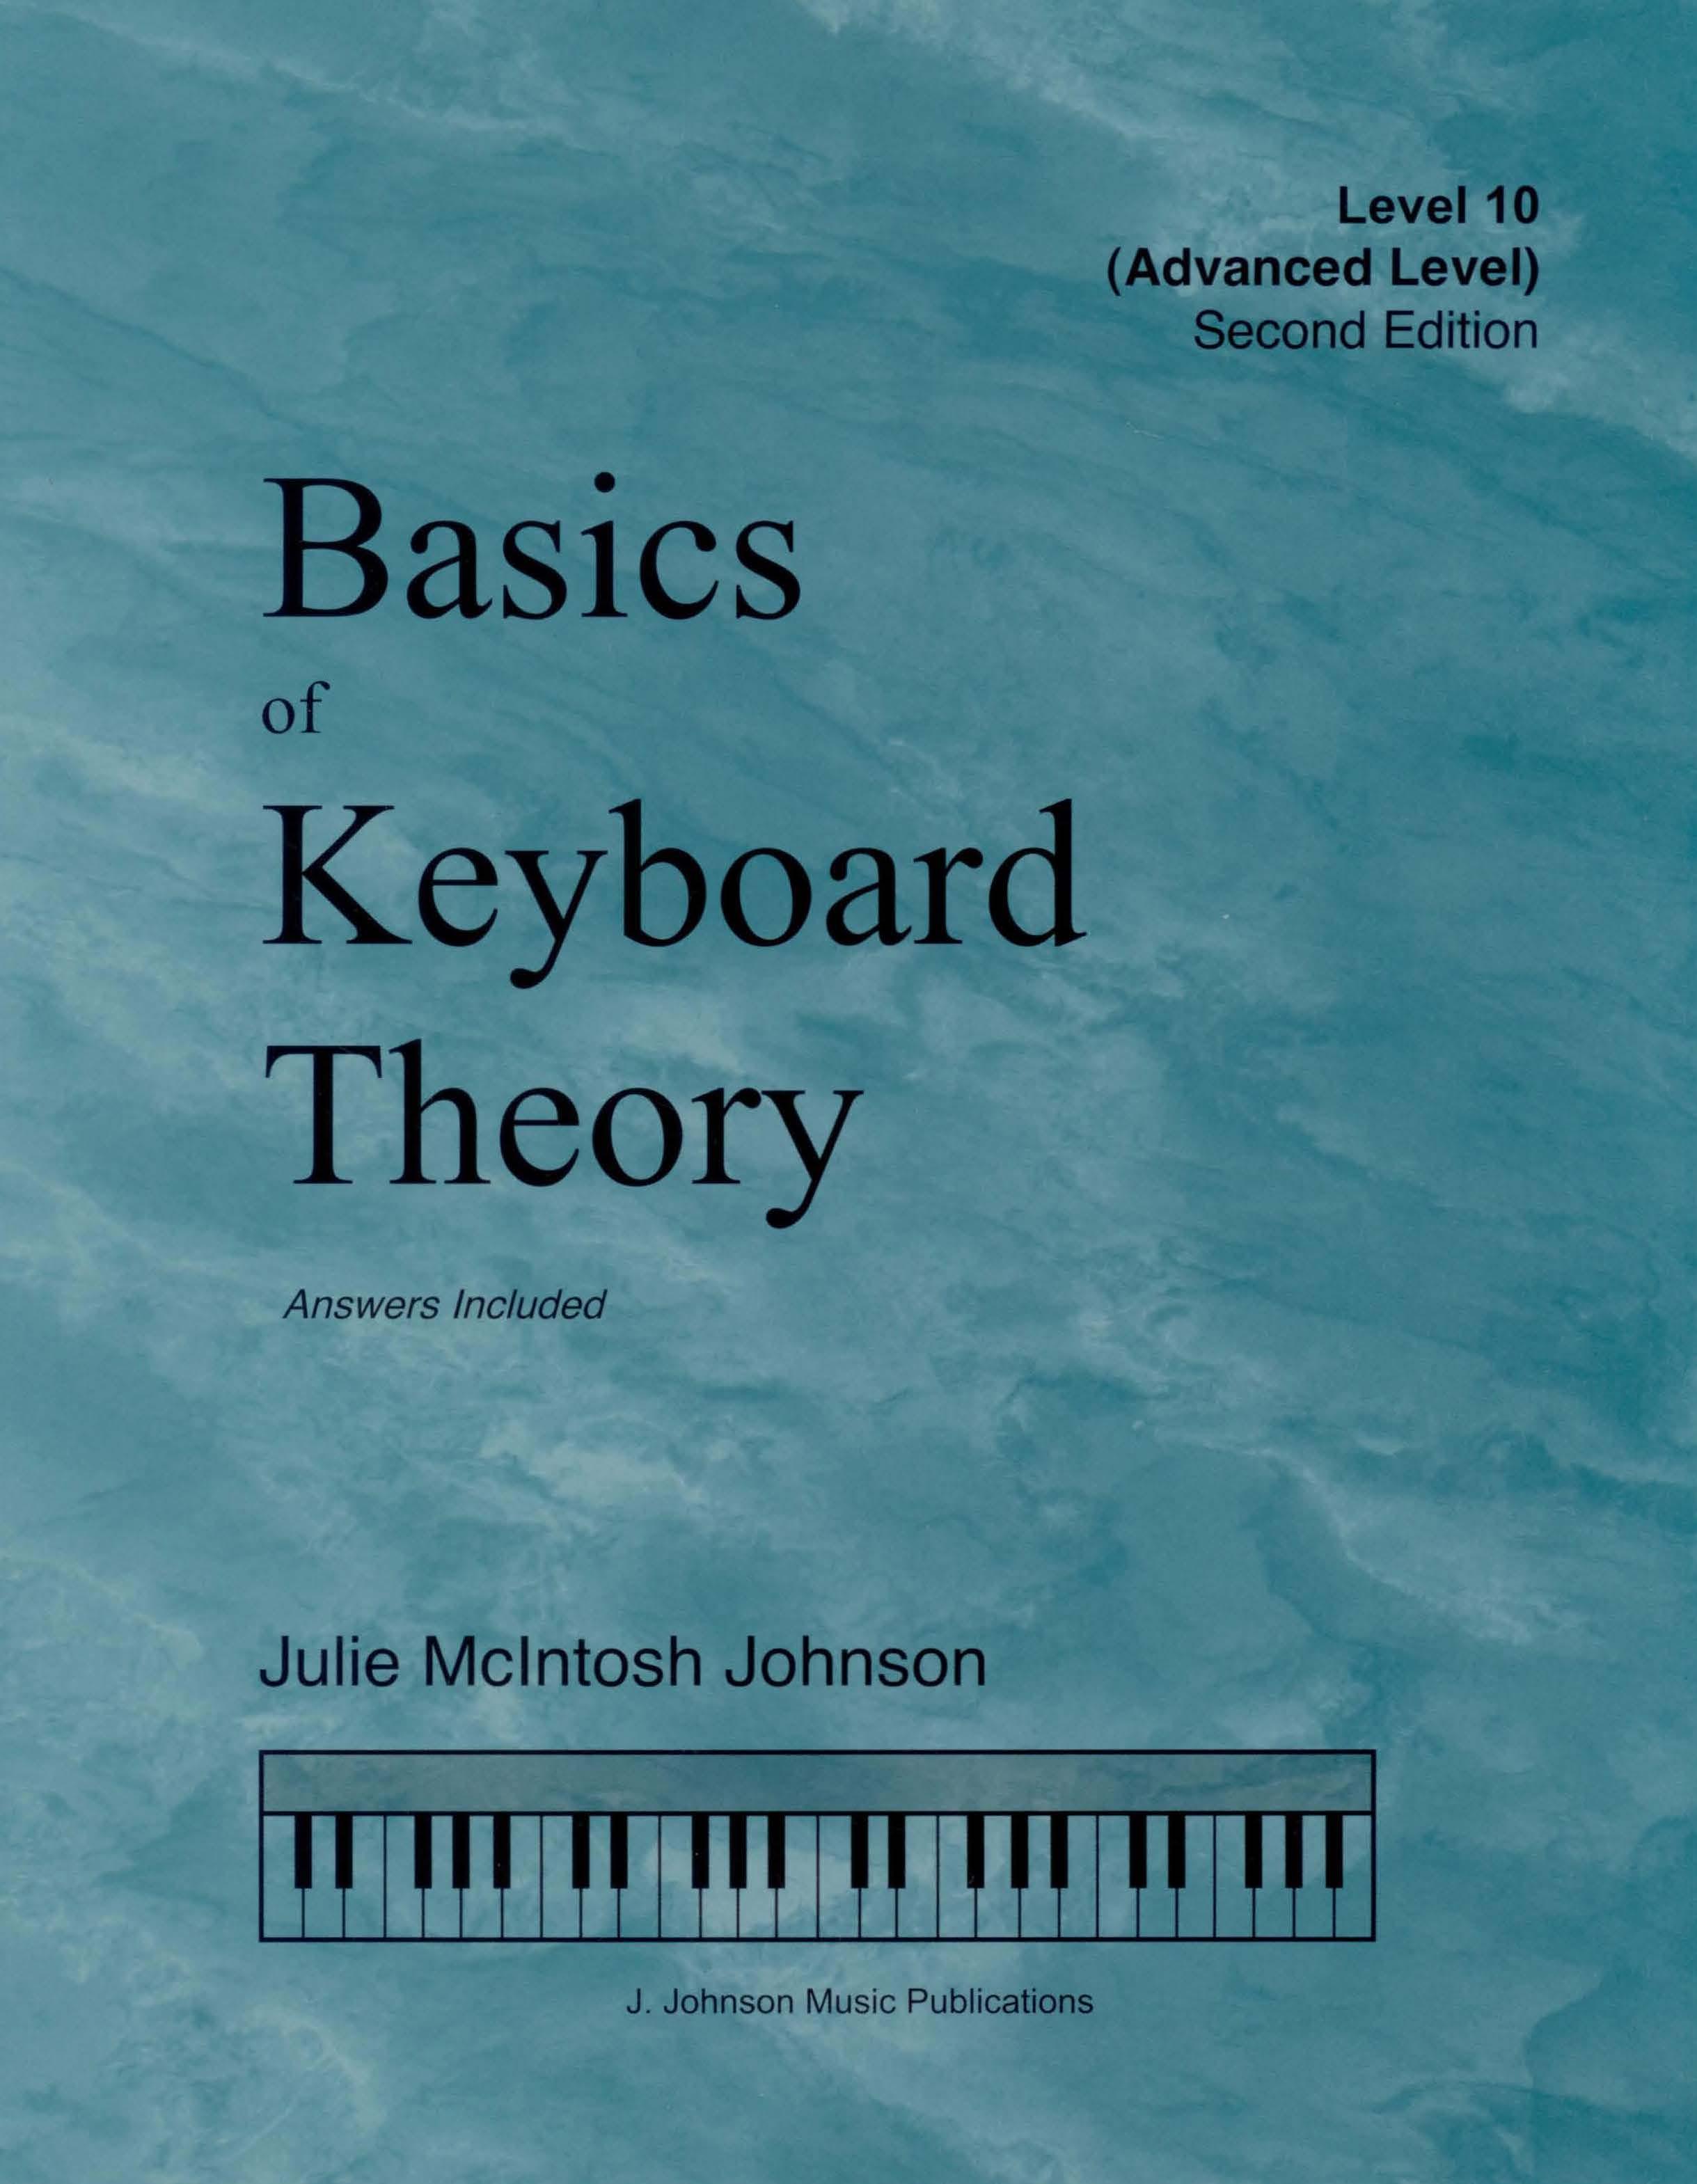 Basics of Keyboard Theory Level 10